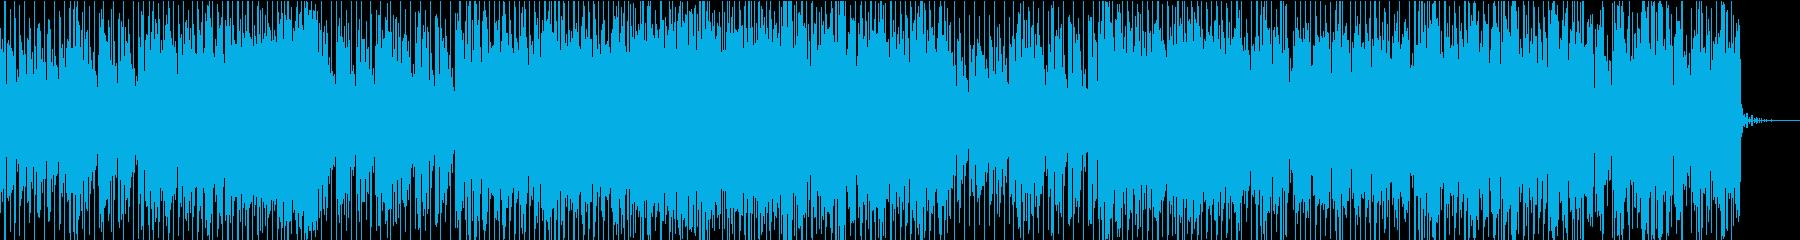 力強いエレクトロBGMの再生済みの波形